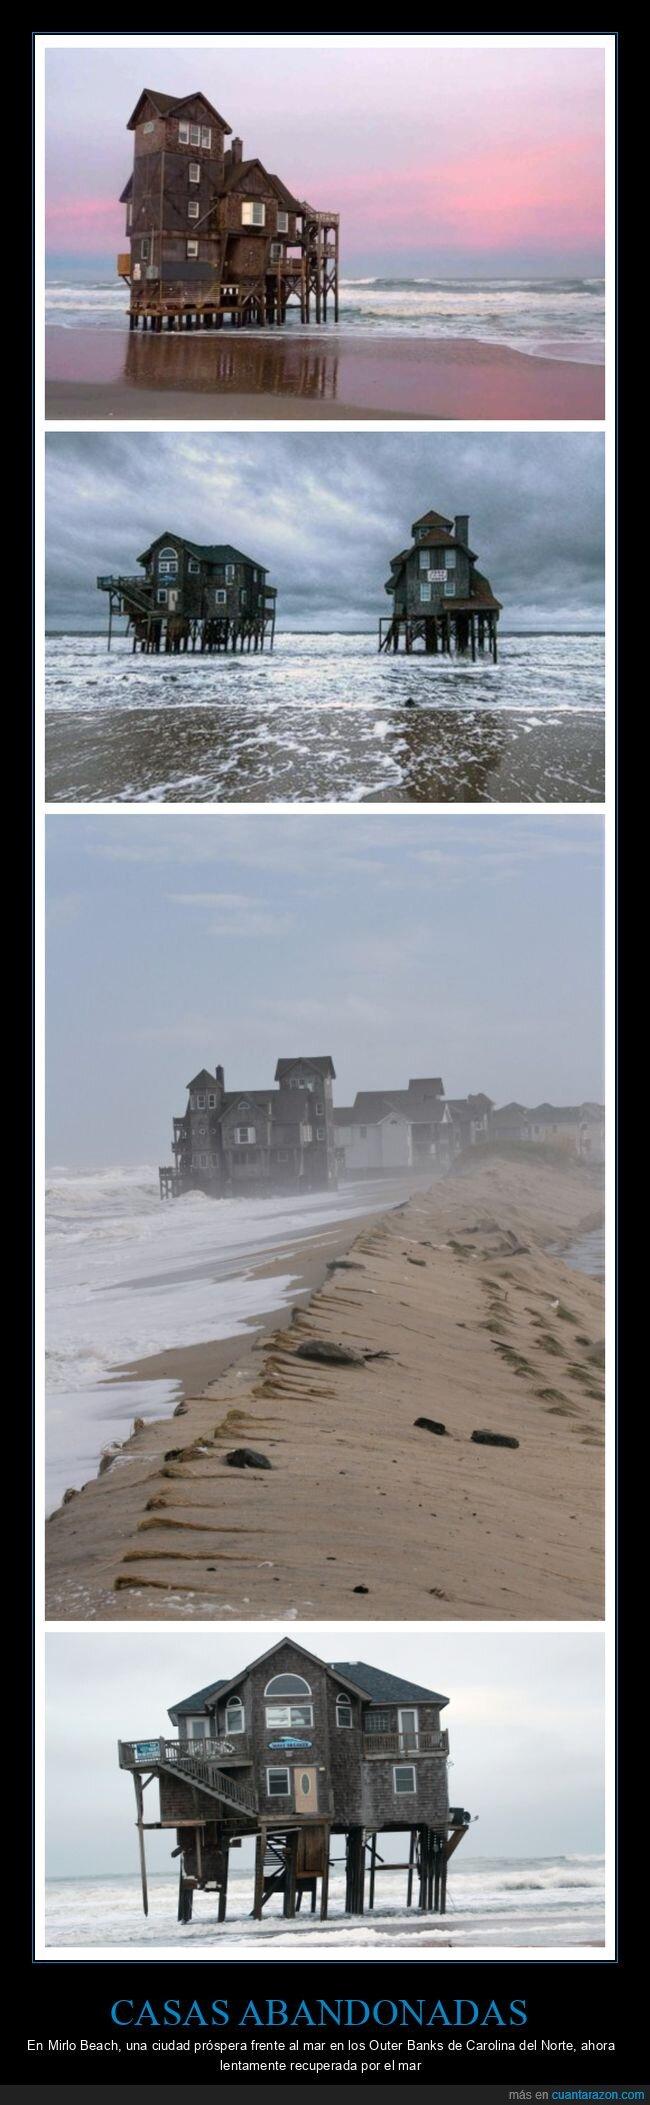 abandonadas,casas,mirlo beach,playa,wtf